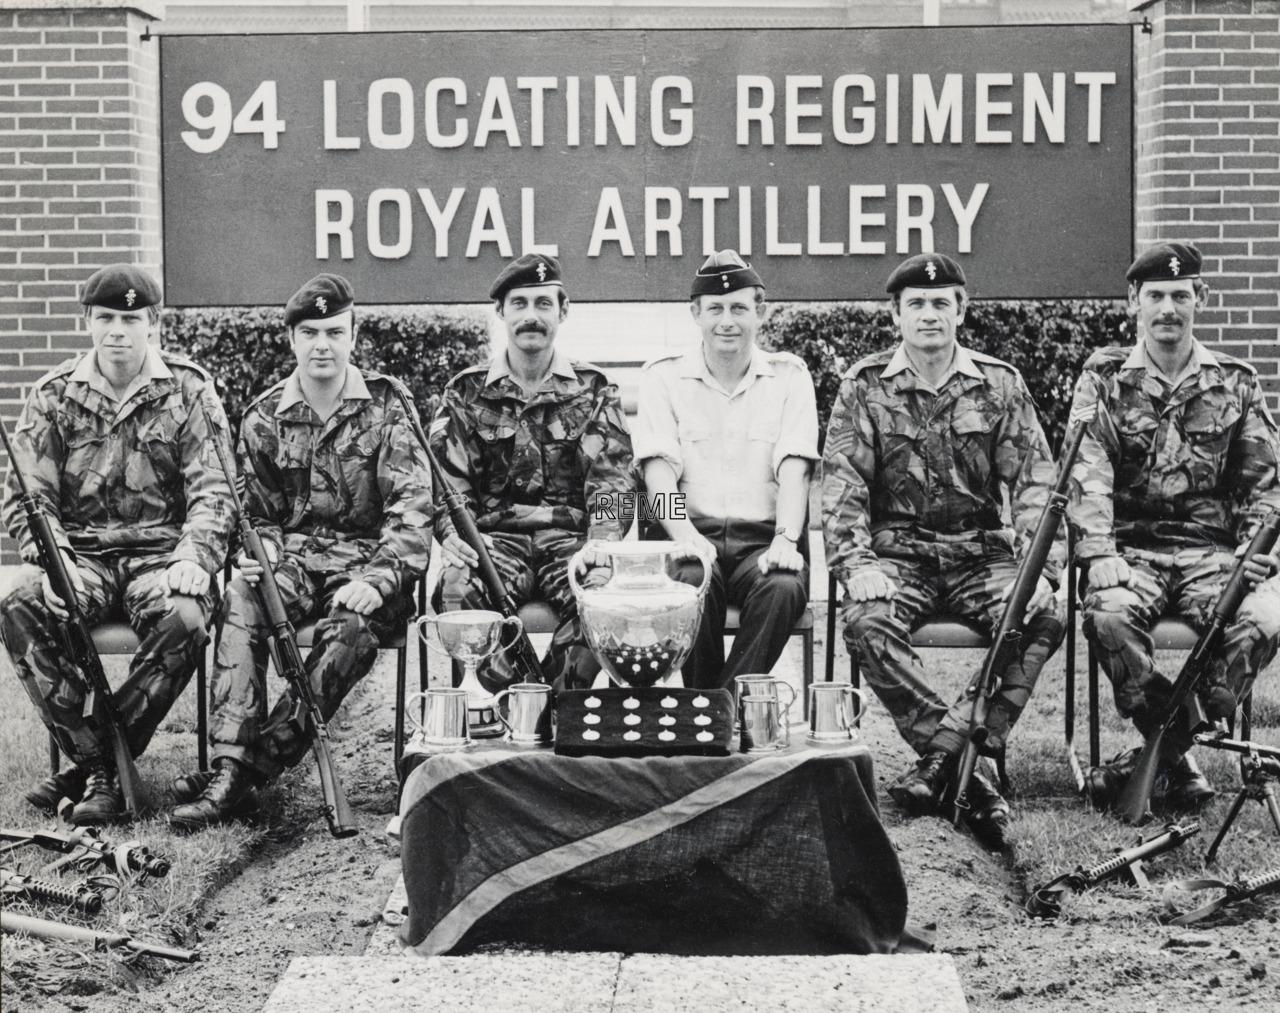 94 Locating Regiment Workshop, Royal Artillery, Celle, Shooting Team